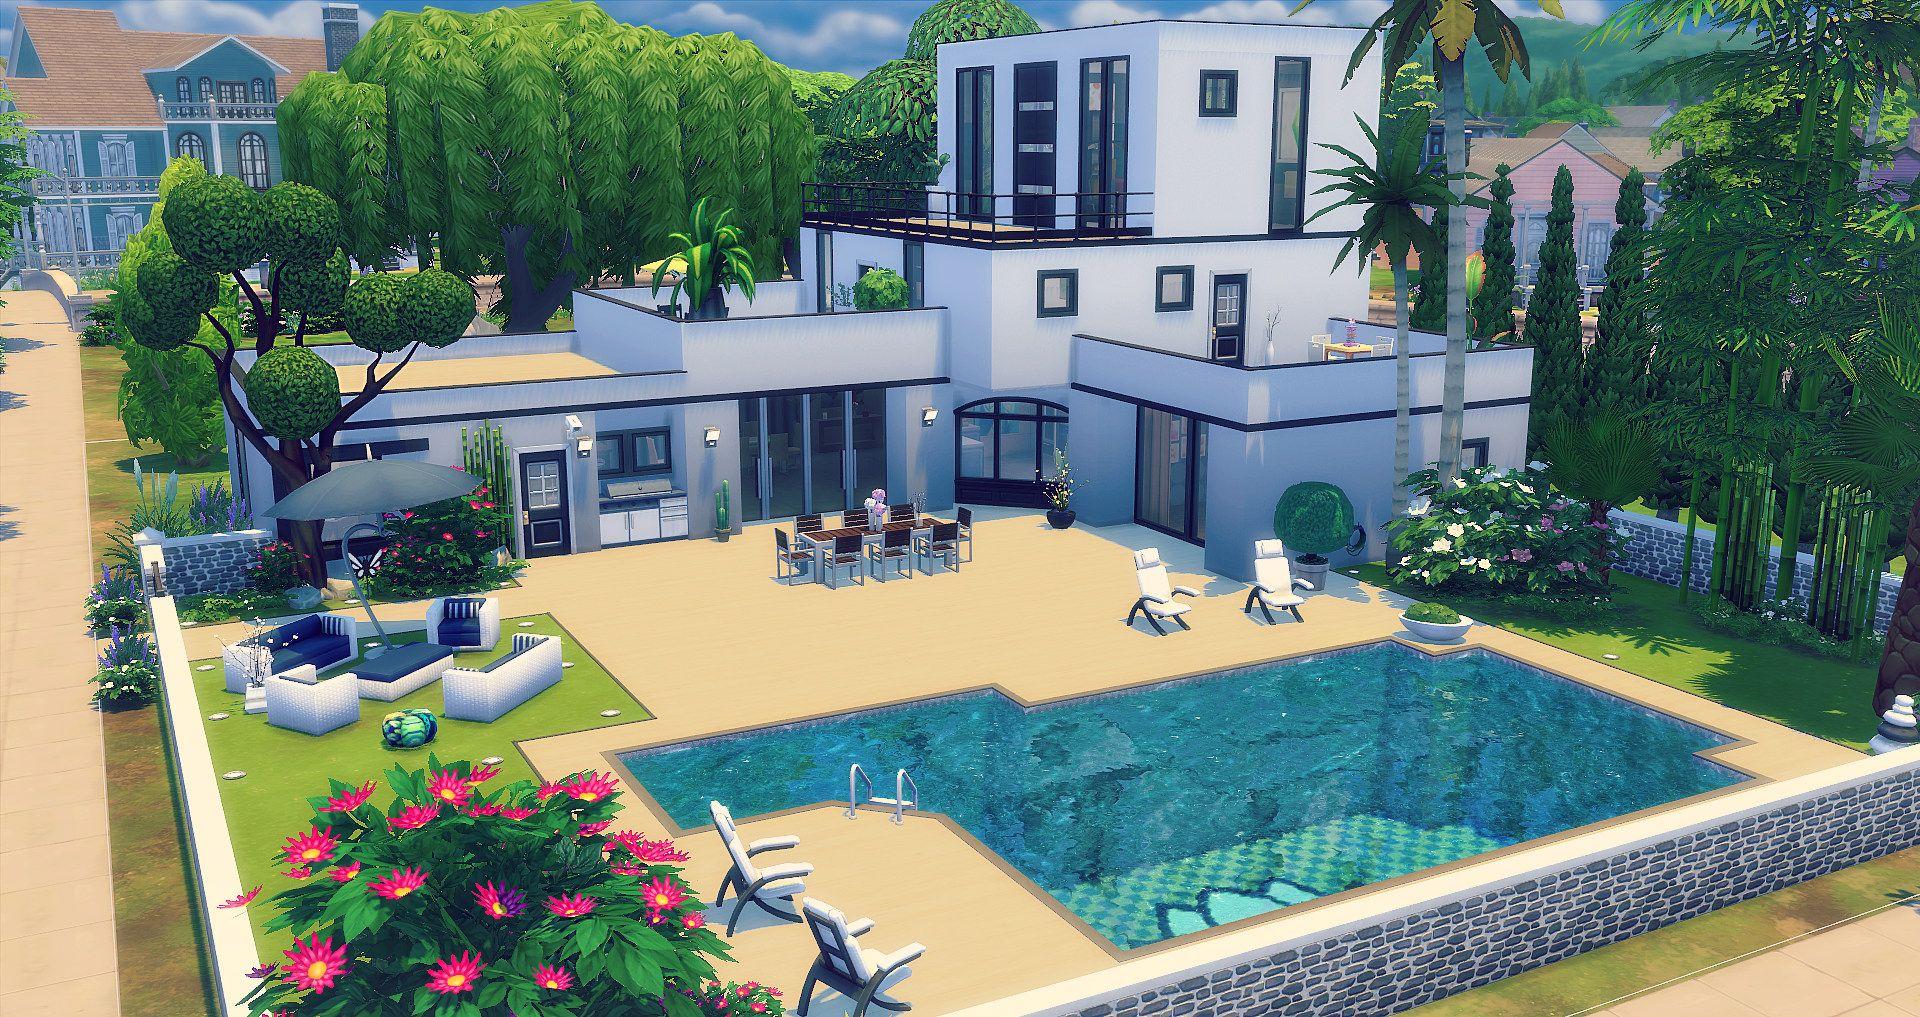 Modernit et structure longiligne pour cette maison darchitecte Prix  154 637  terrain non